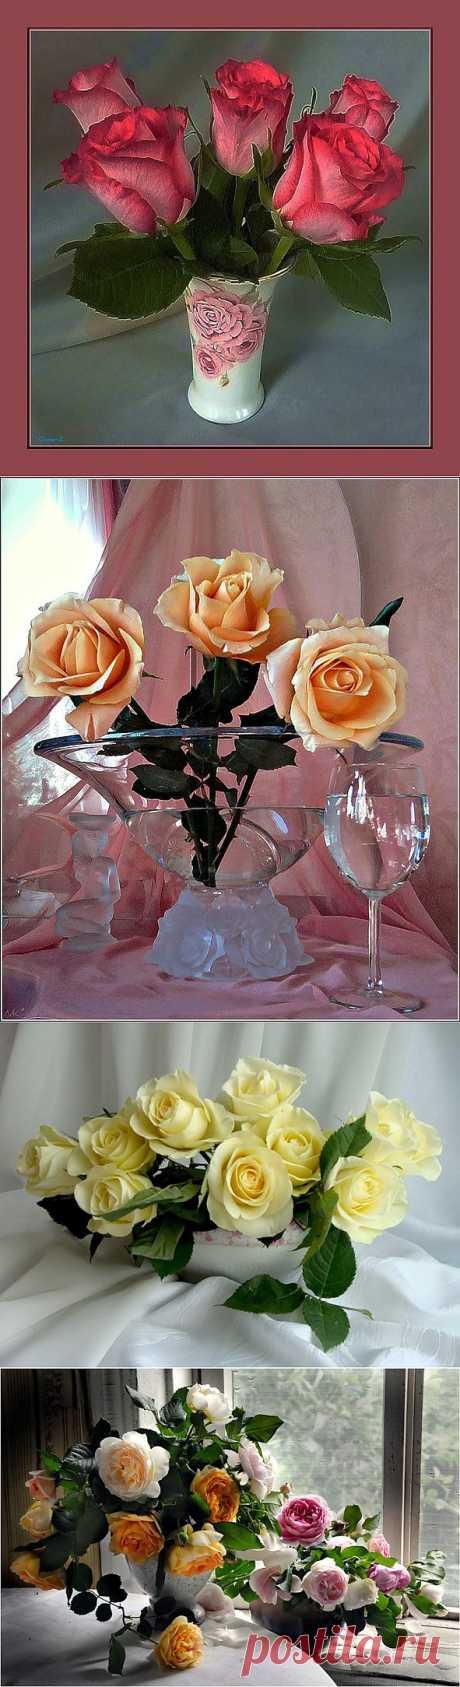 Натюрморты Шикарные розы.